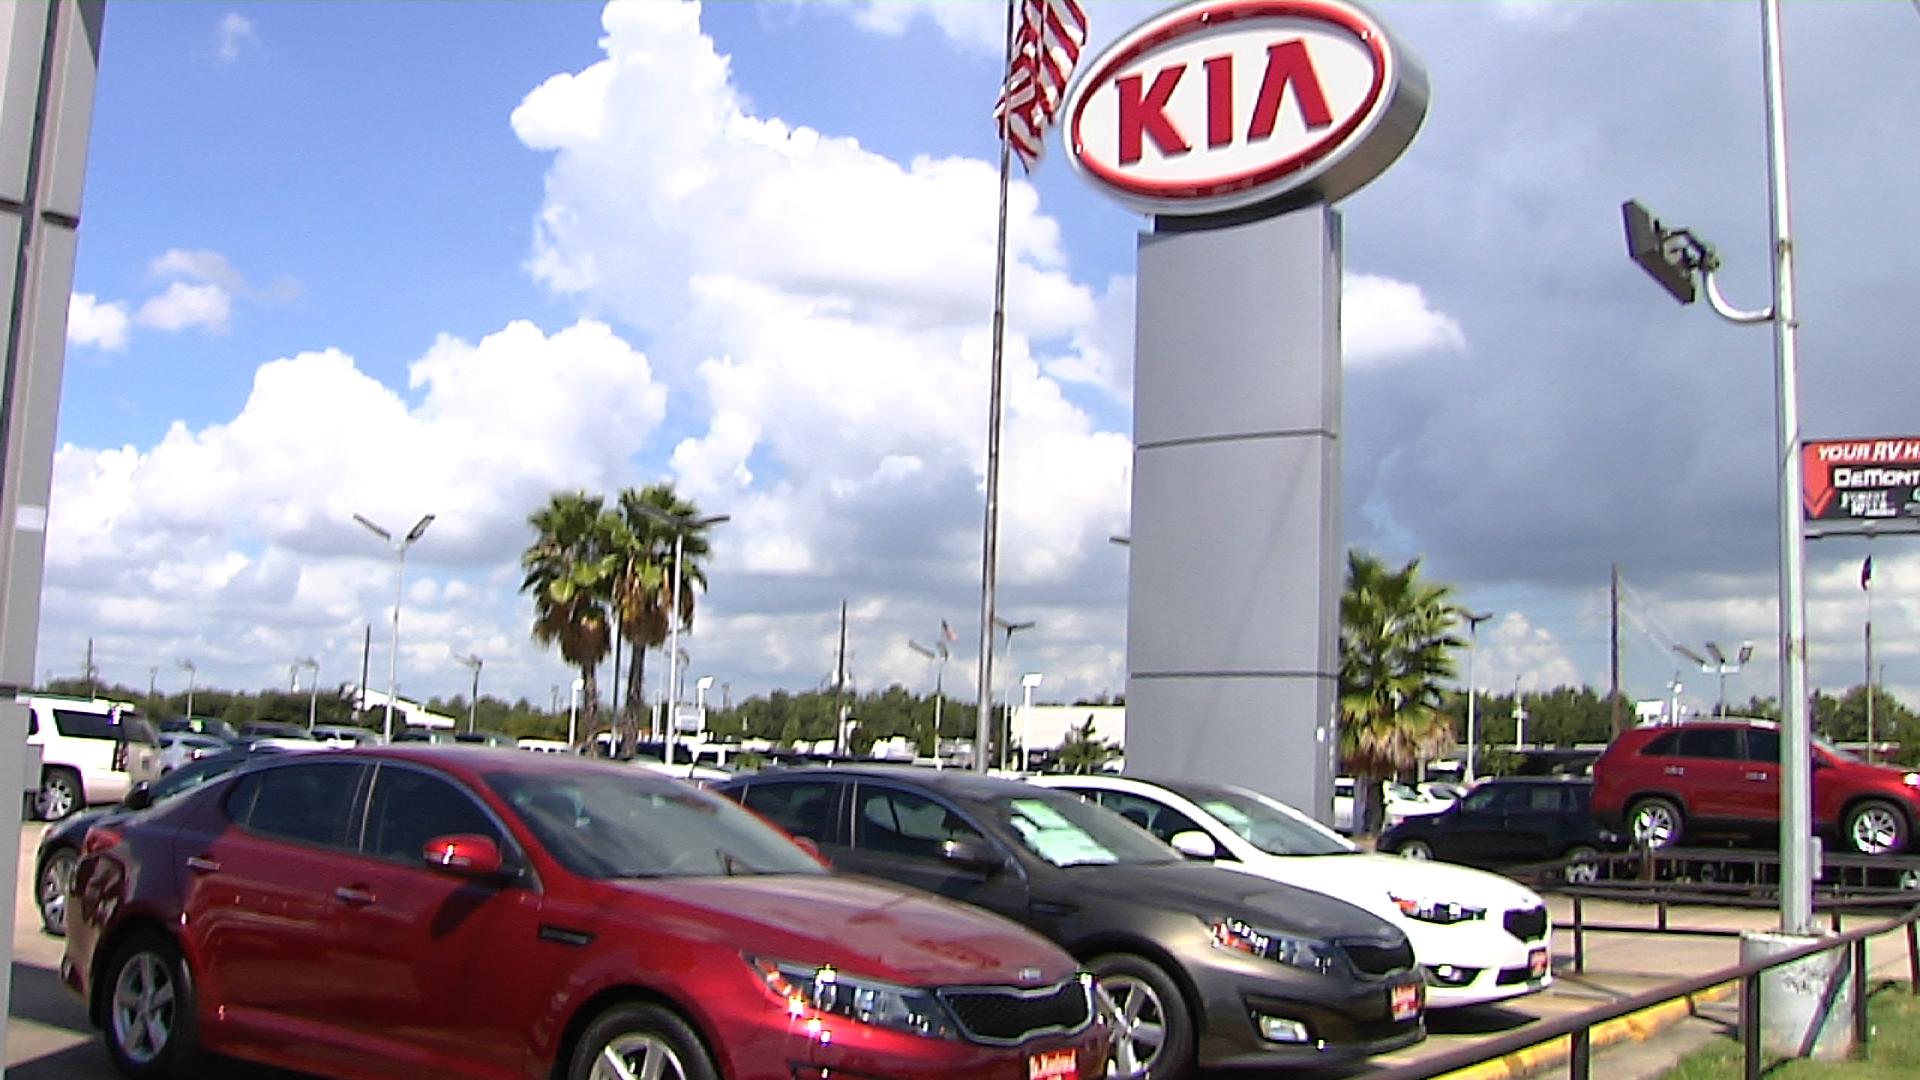 American Auto Sales Houston Tx: DeMontrond Kia 14101 North Freeway Houston, TX Auto